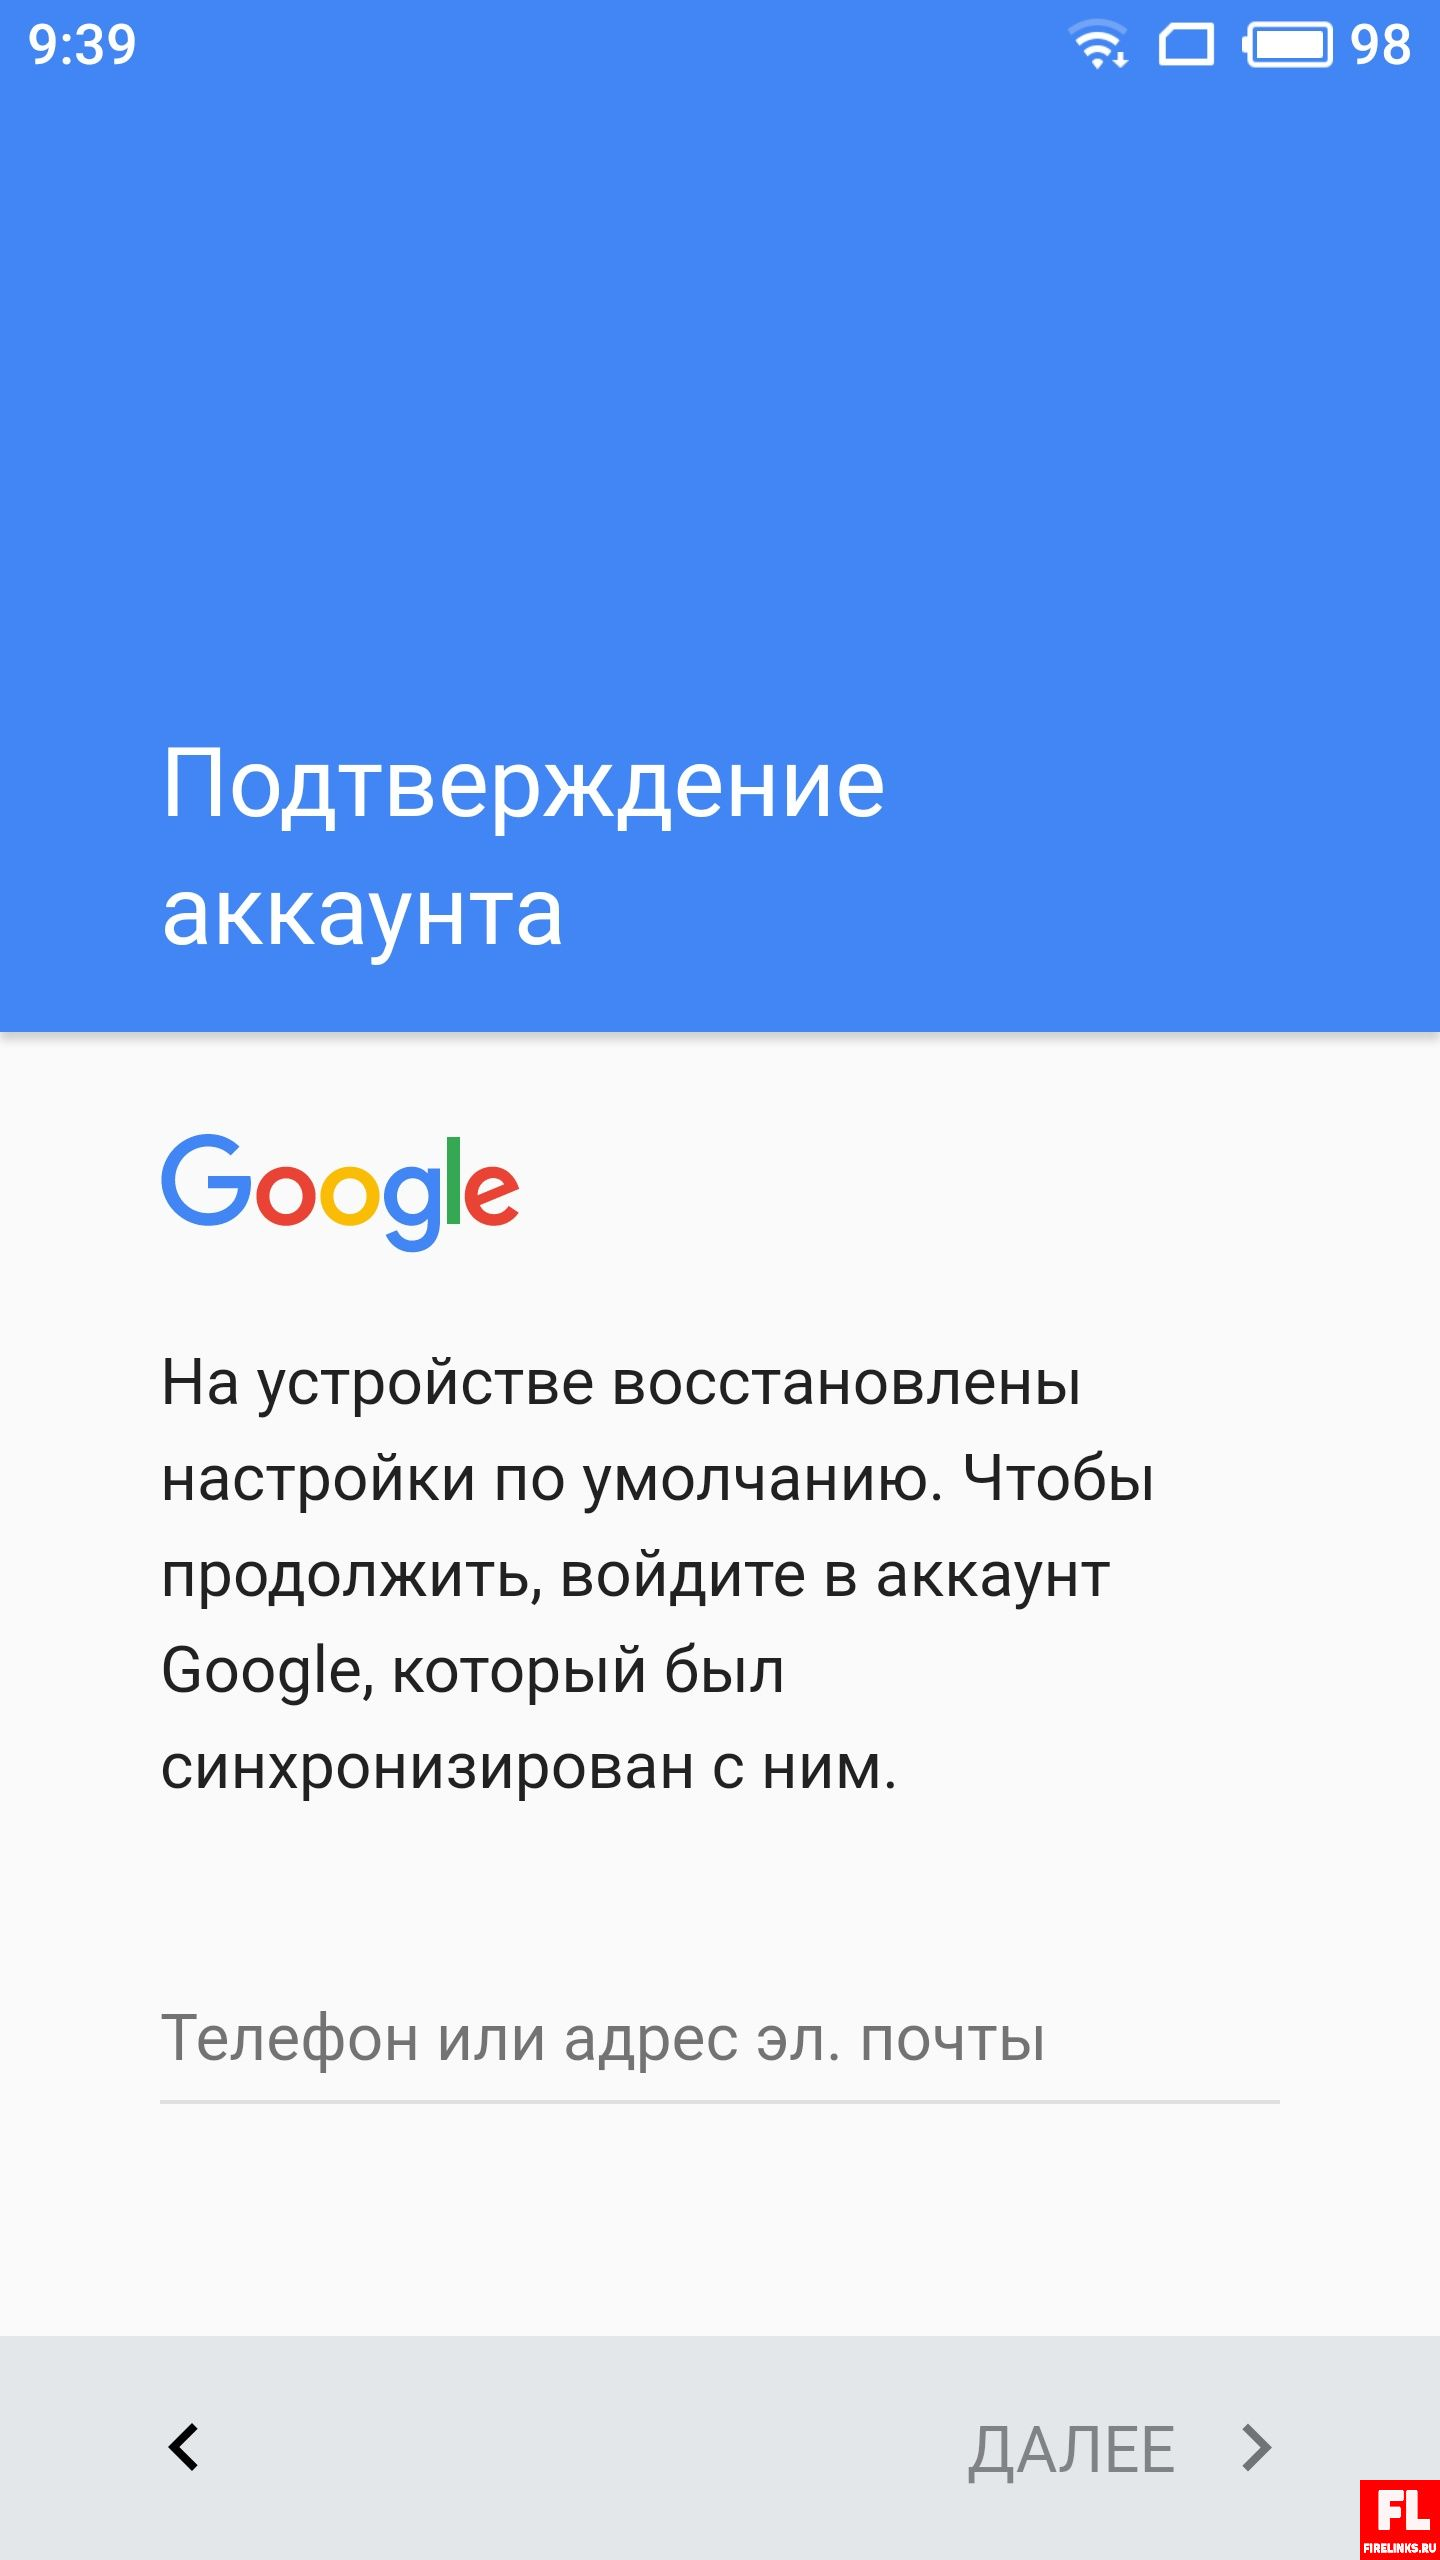 Как восстановить аккаунт Гугл если ничего не помню: нет доступа к телефону и почте